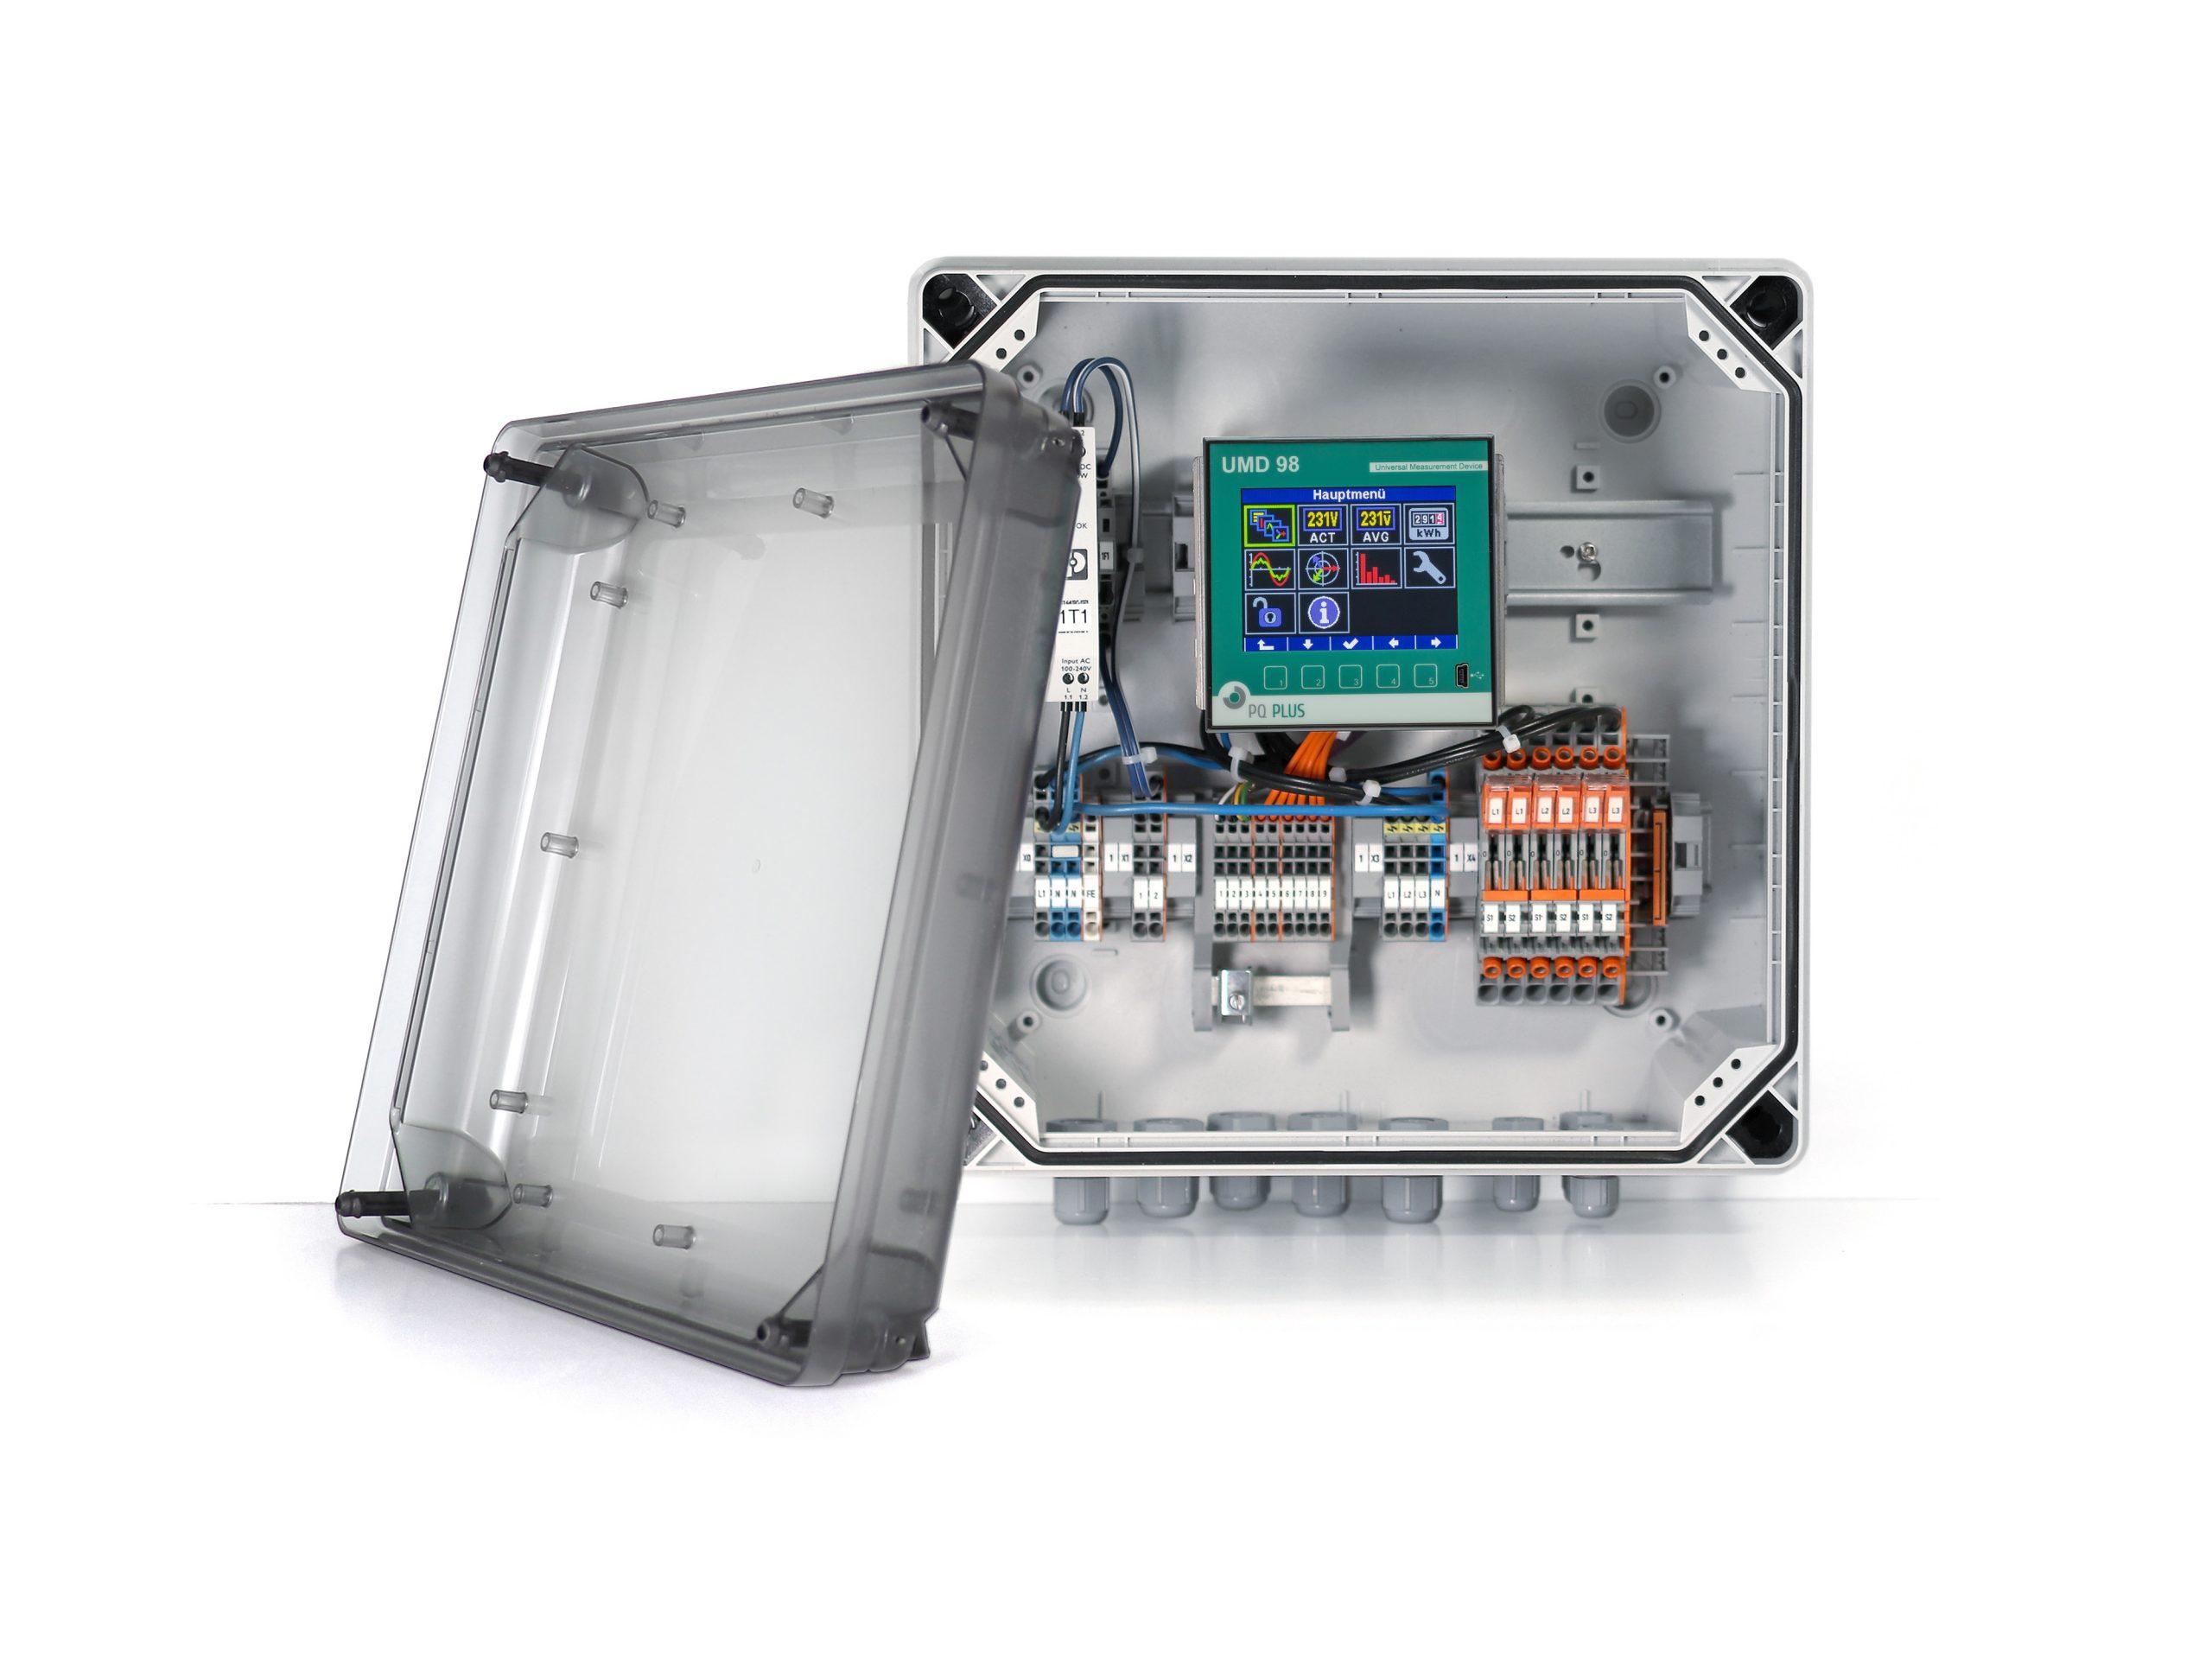 LoRaWAN-Funklösung für Sensorik und Messtechnik